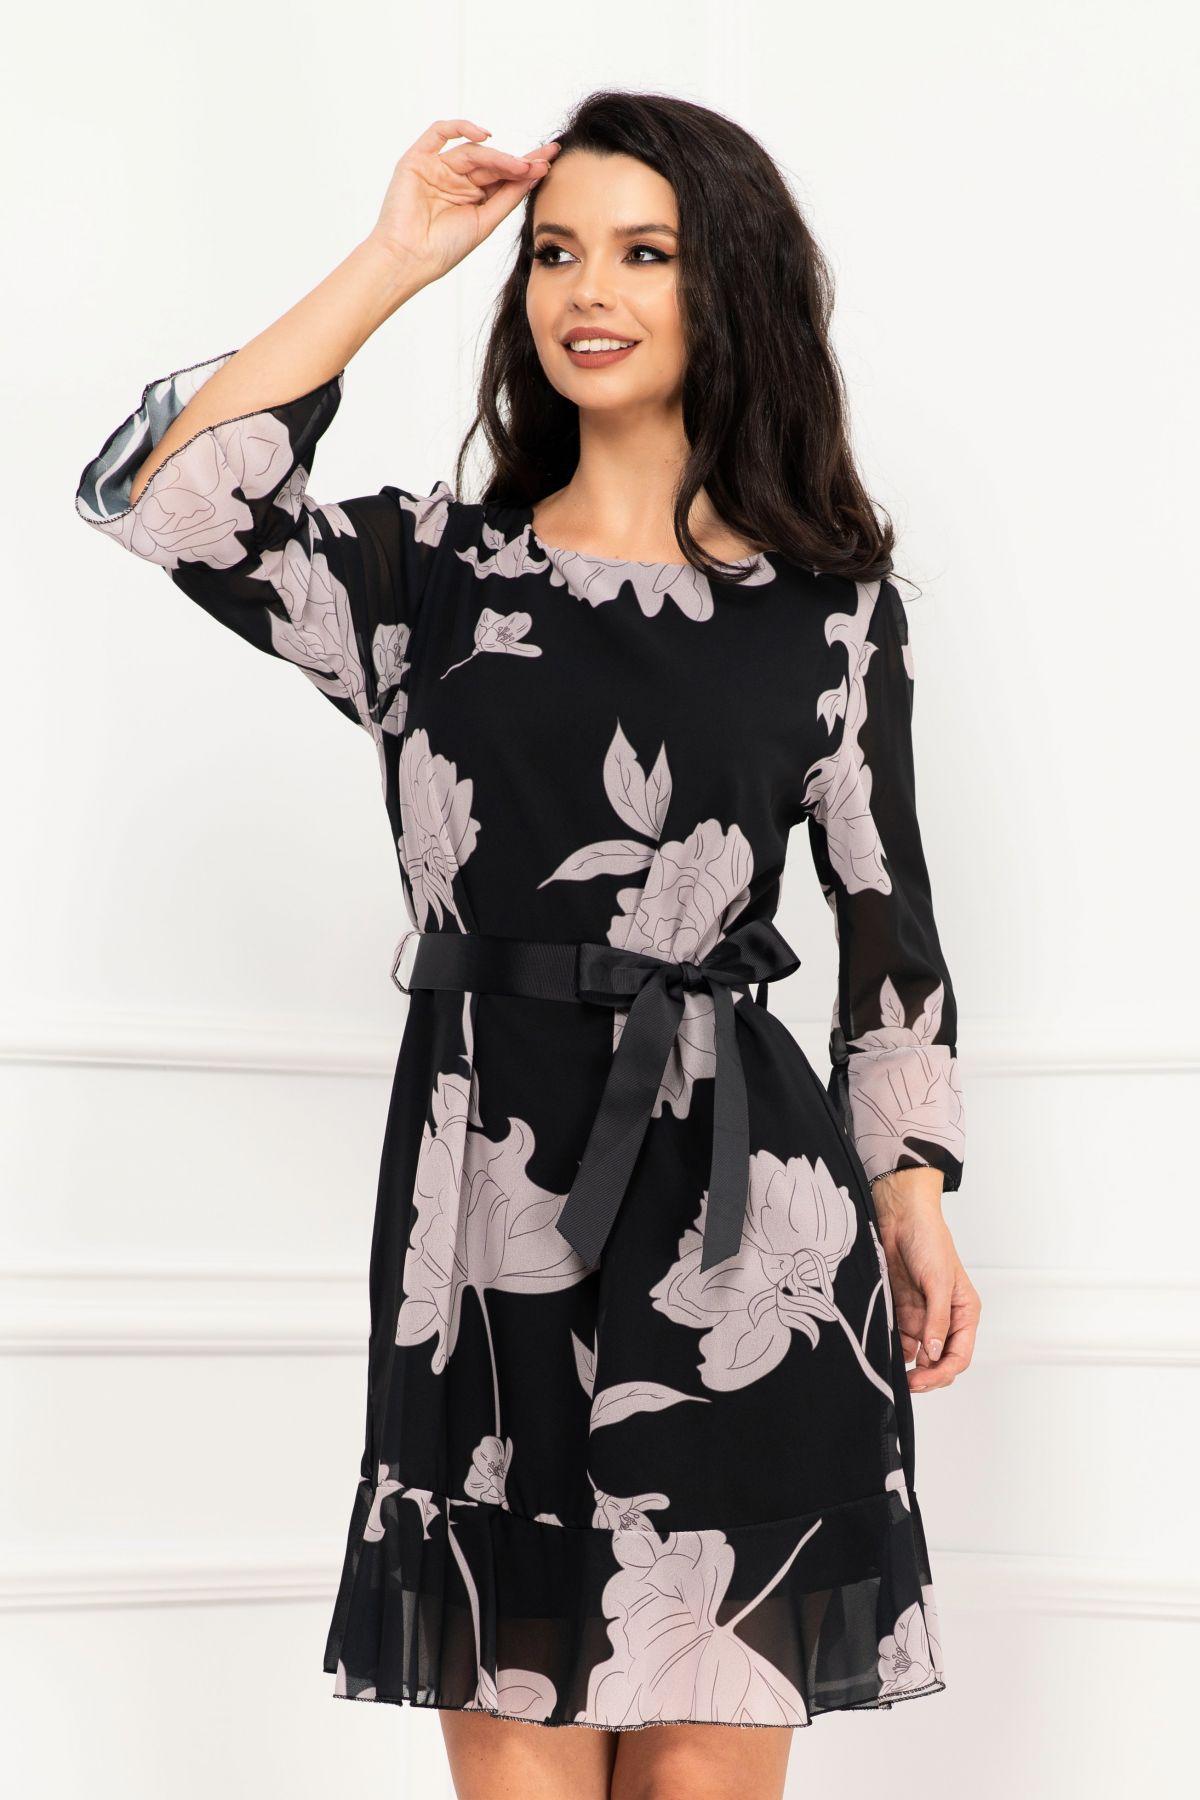 Rochie dama din voal neagra cu imprimeu flori gri